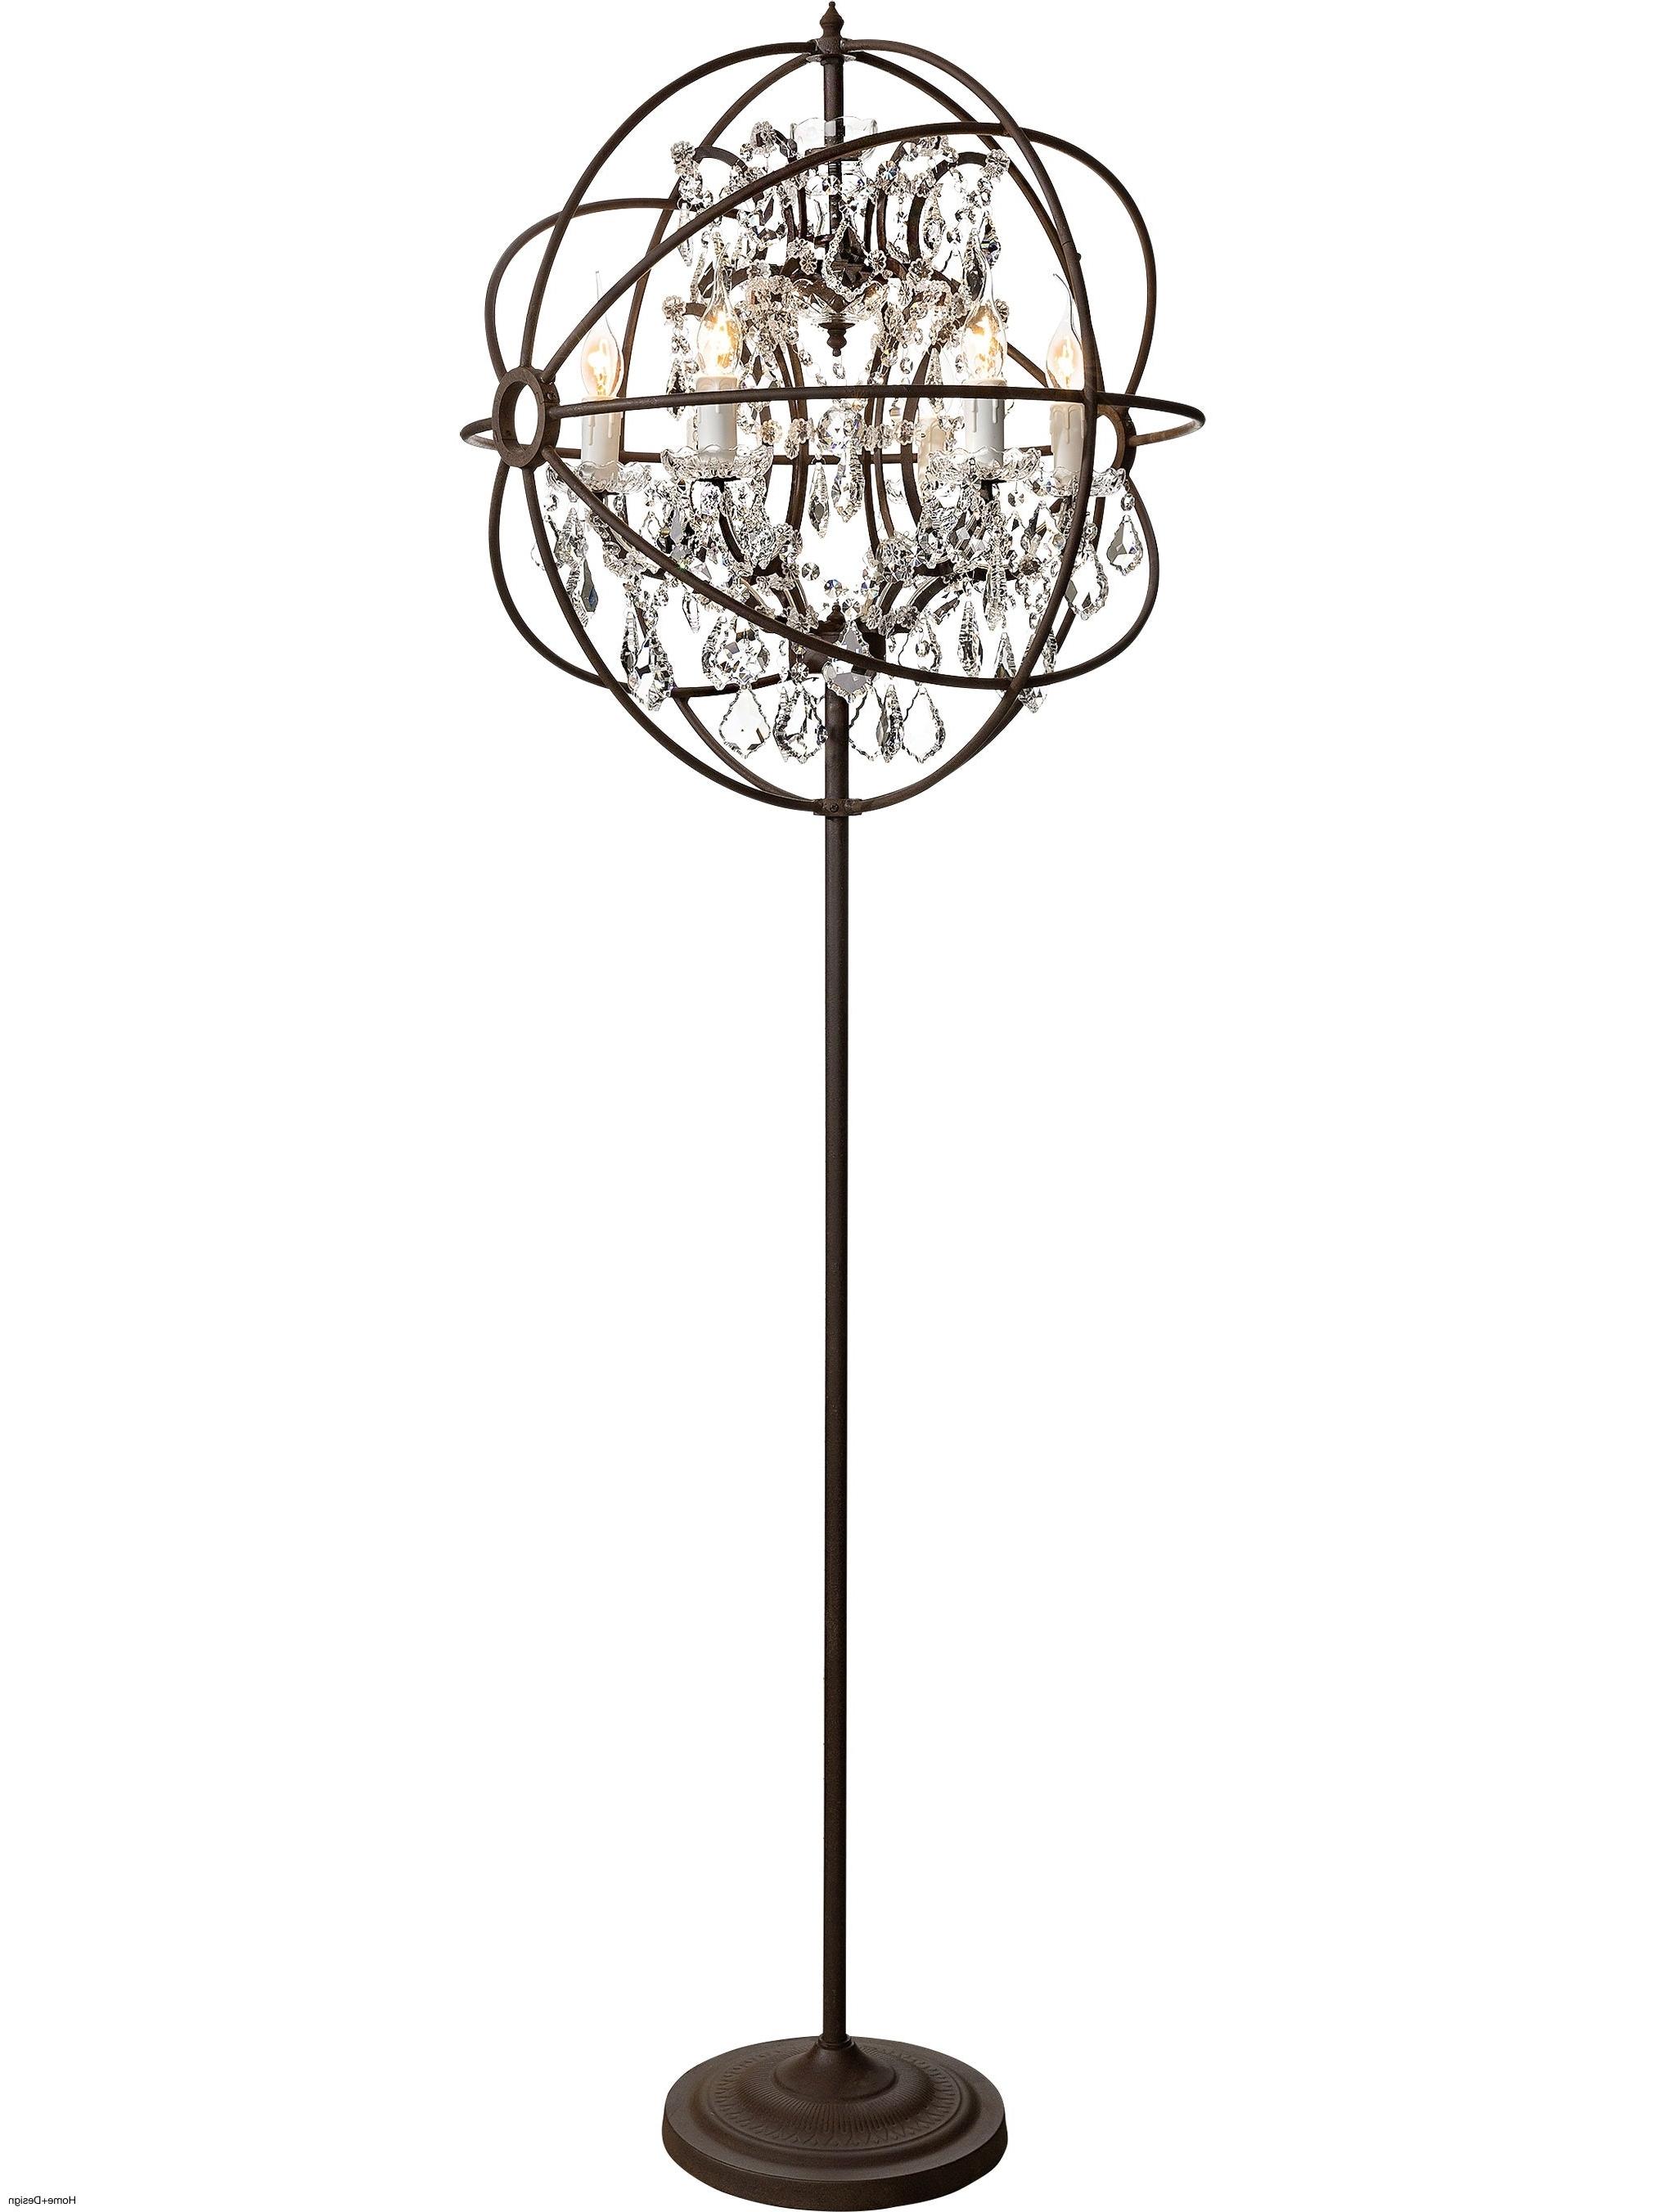 Standing Chandelier Floor Lamp – Chandelier Designs In Latest Free Standing Chandelier Lamps (View 7 of 20)